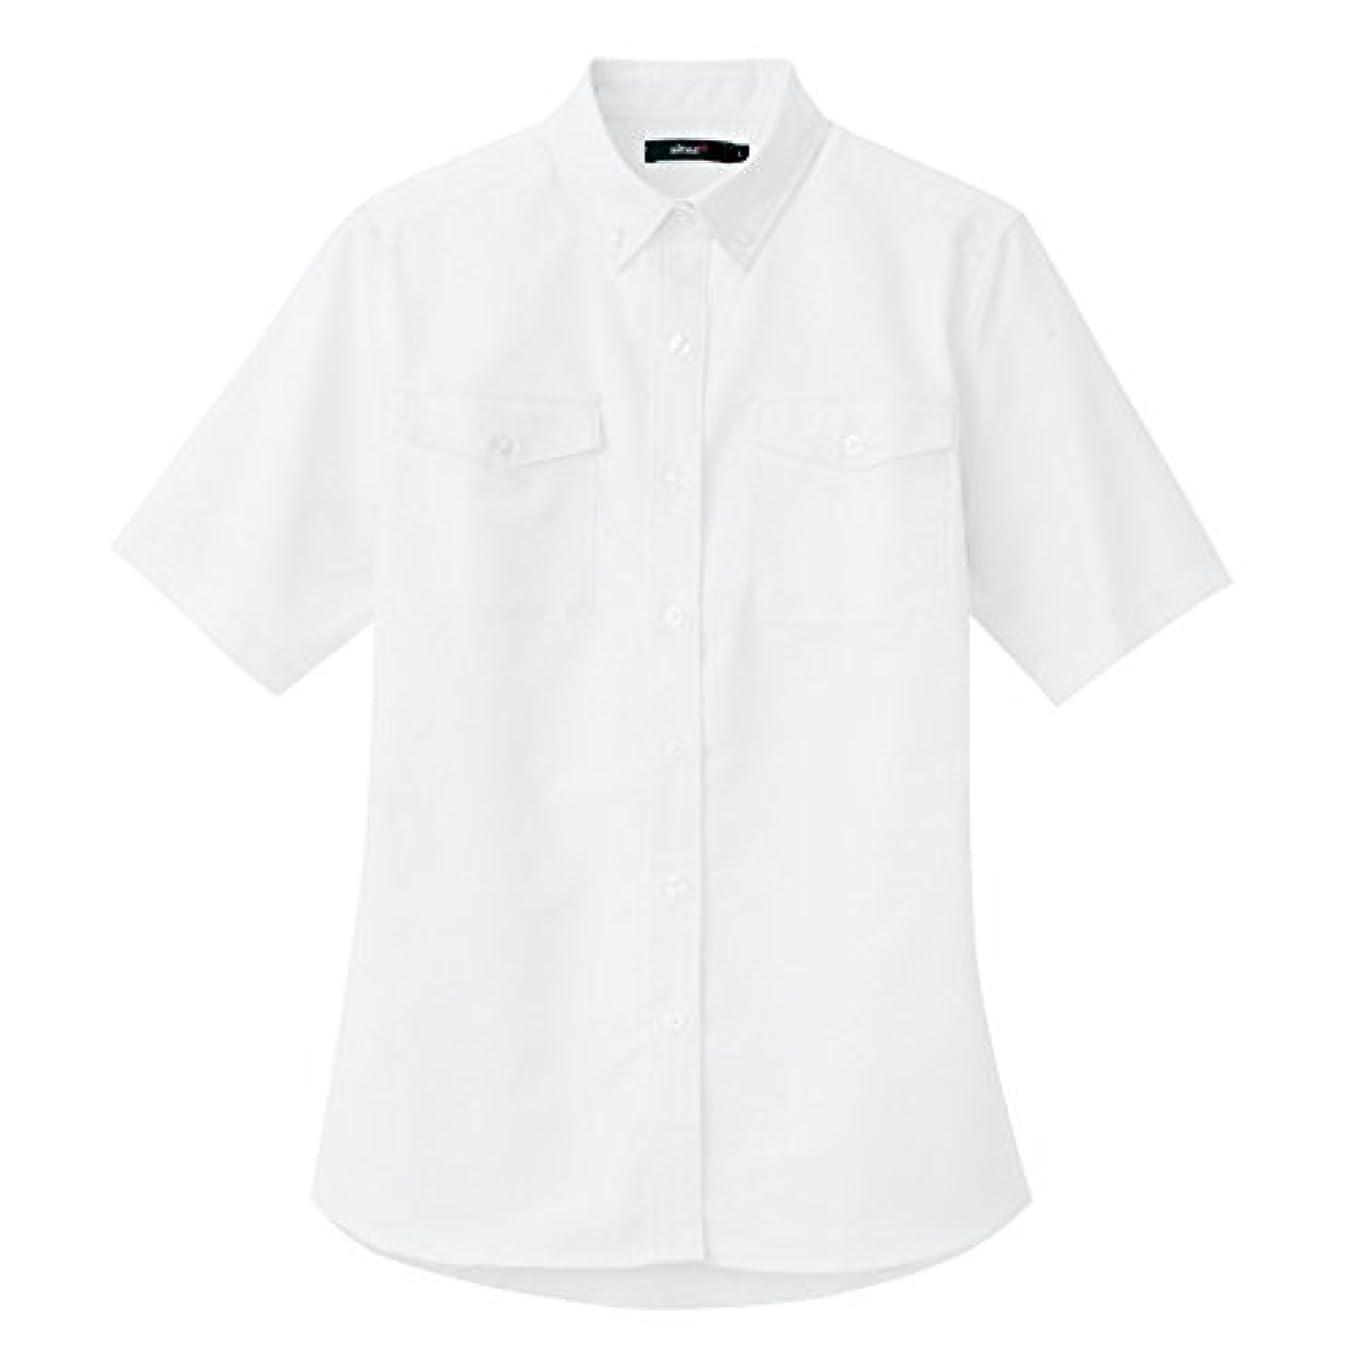 AITOZ アイトス レディース半袖オックスボタンダウンシャツ (春夏用) AZ7879 001 ホワイト L